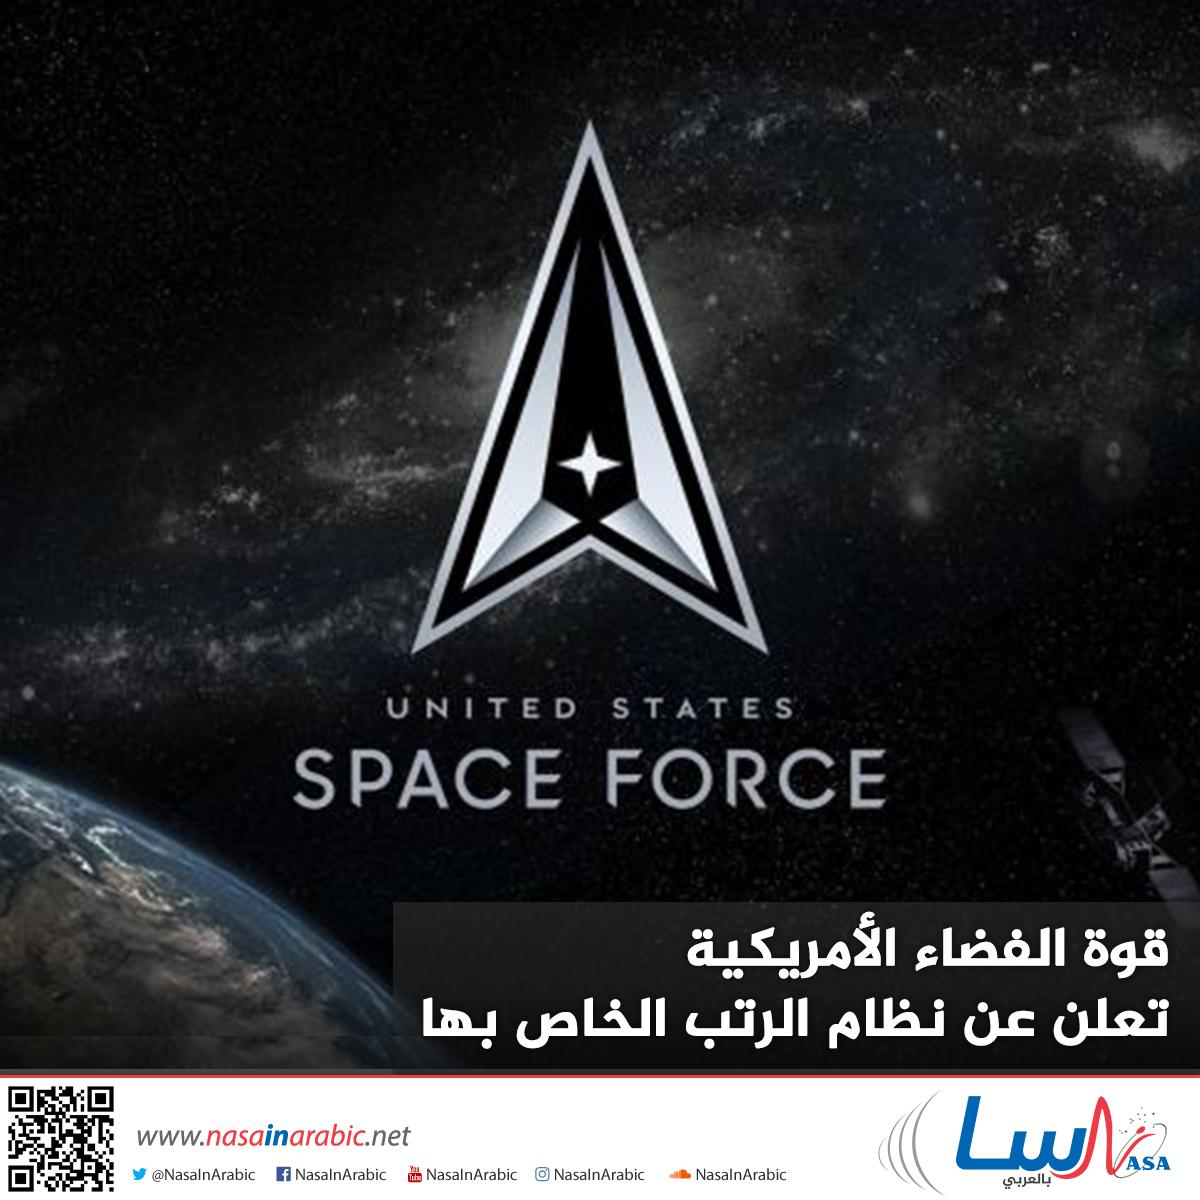 قوة الفضاء الأمريكية تعلن عن نظام الرتب الخاص بها